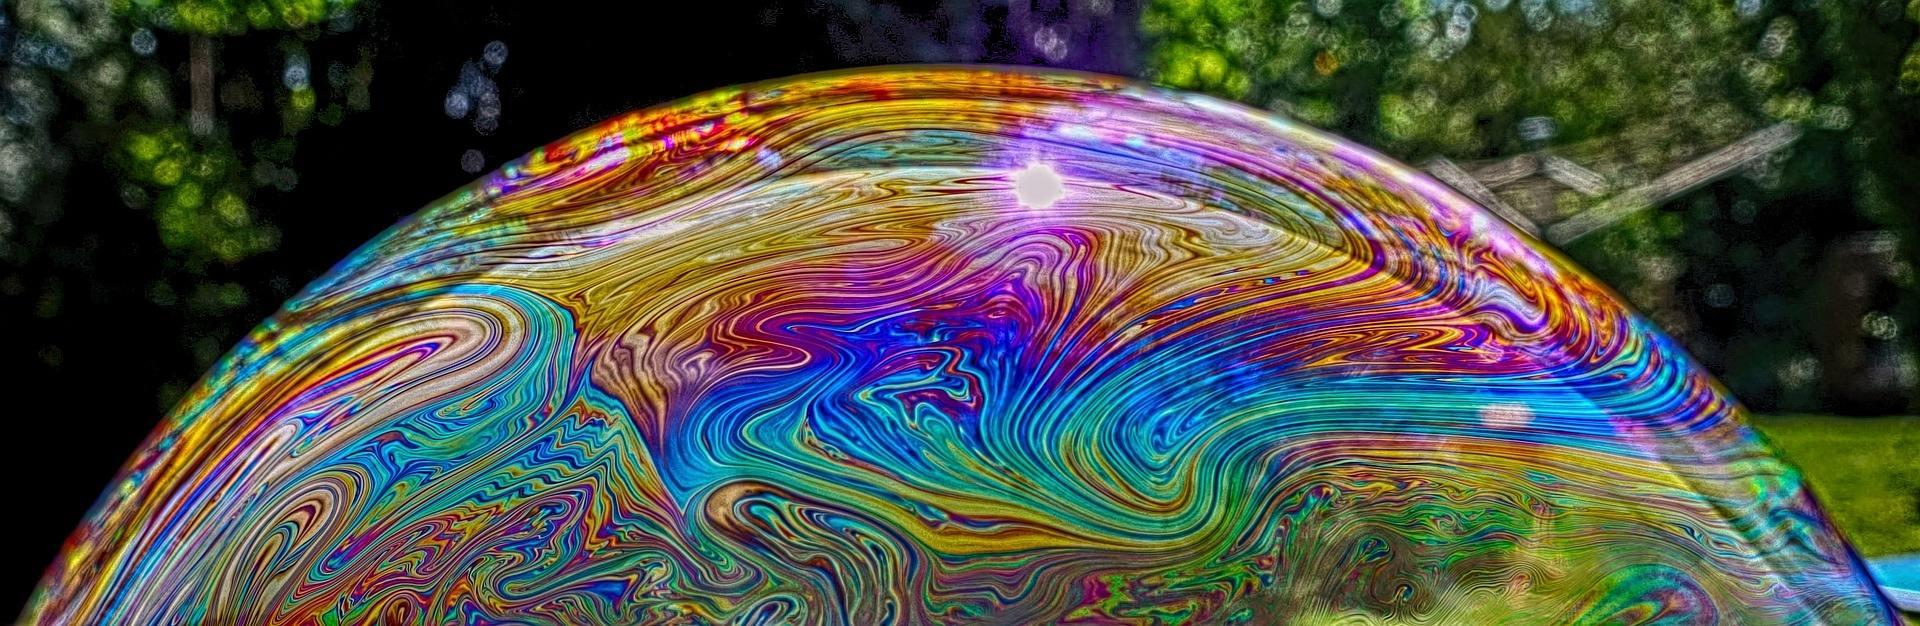 Makro foto van het gekleurde oppervlak van een zeepbel